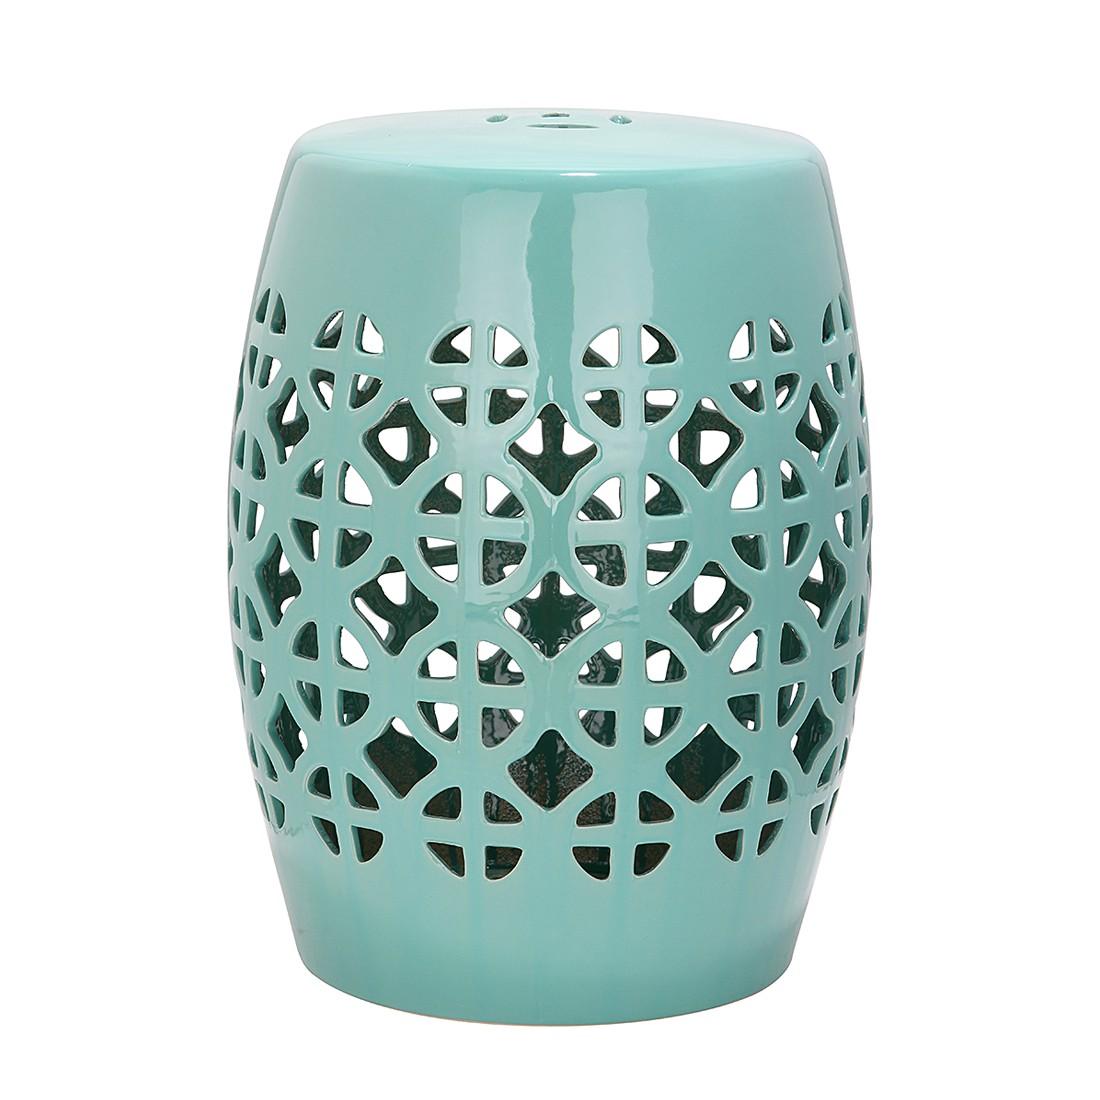 """Gartenhocker """"Circle"""" aus Keramik, türkis (Kopie) Home24"""